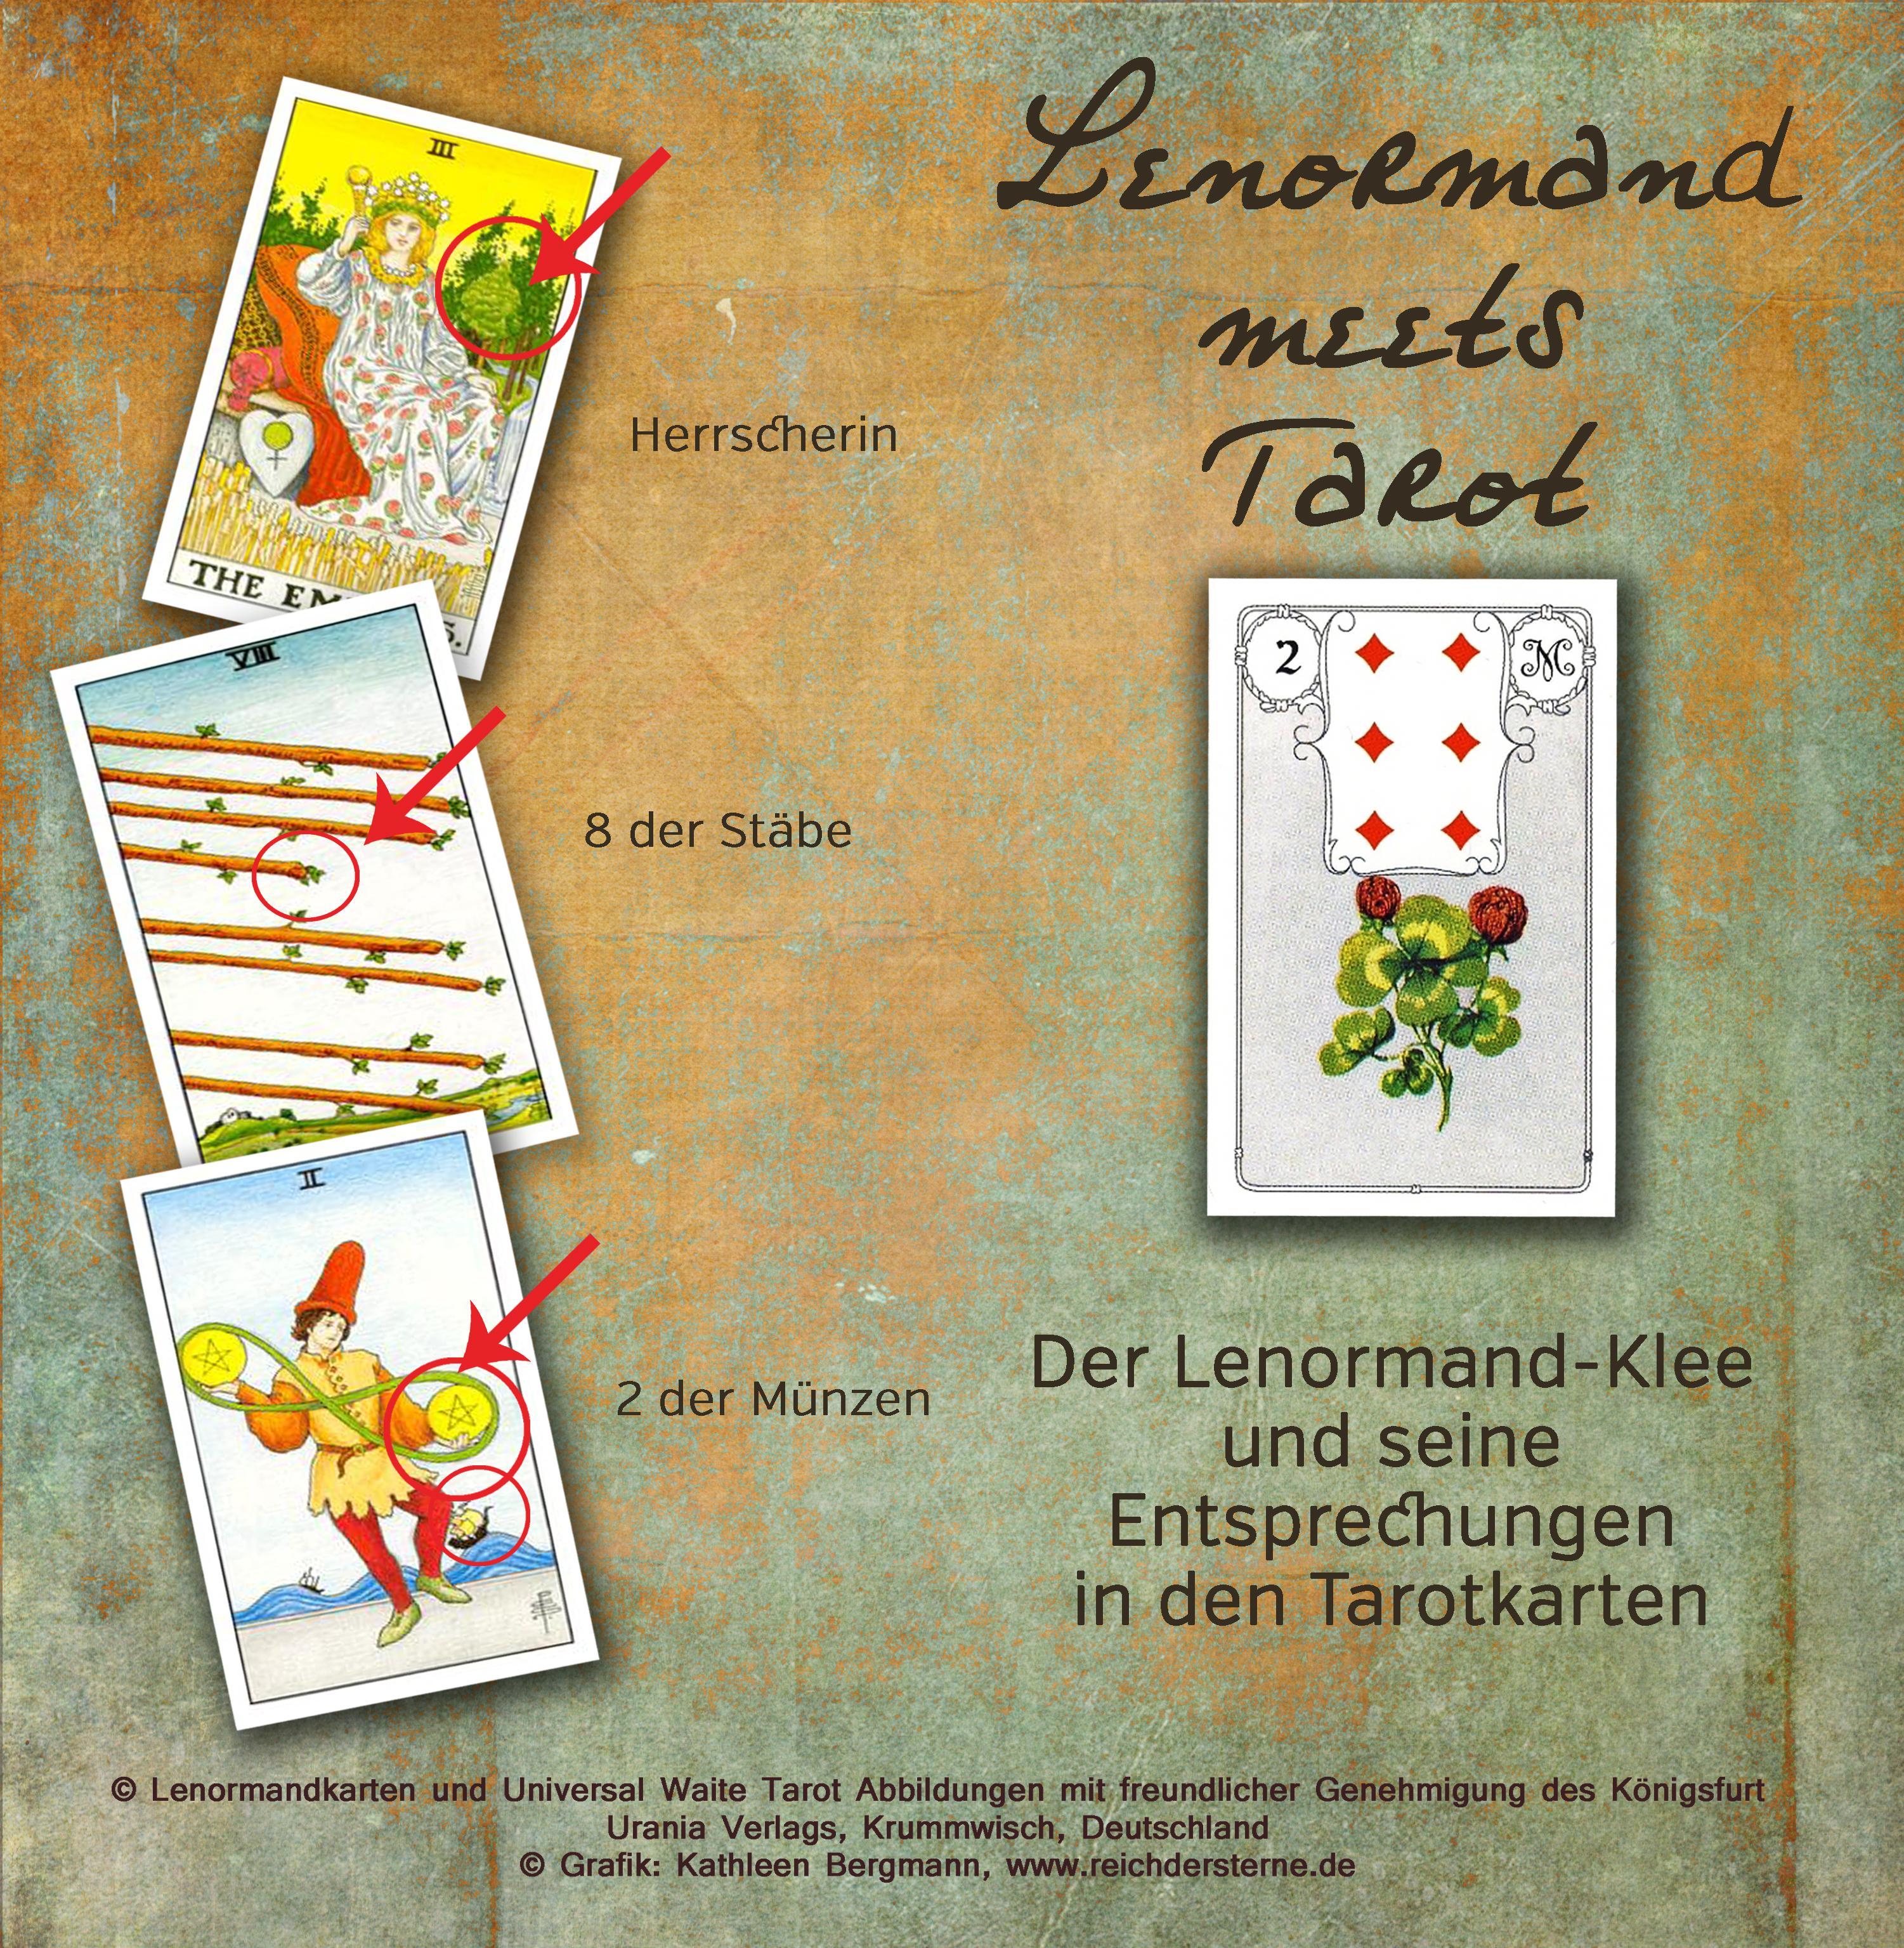 Lenormand Meets Tarot Der Klee Und Die Ihm Entsprechenden